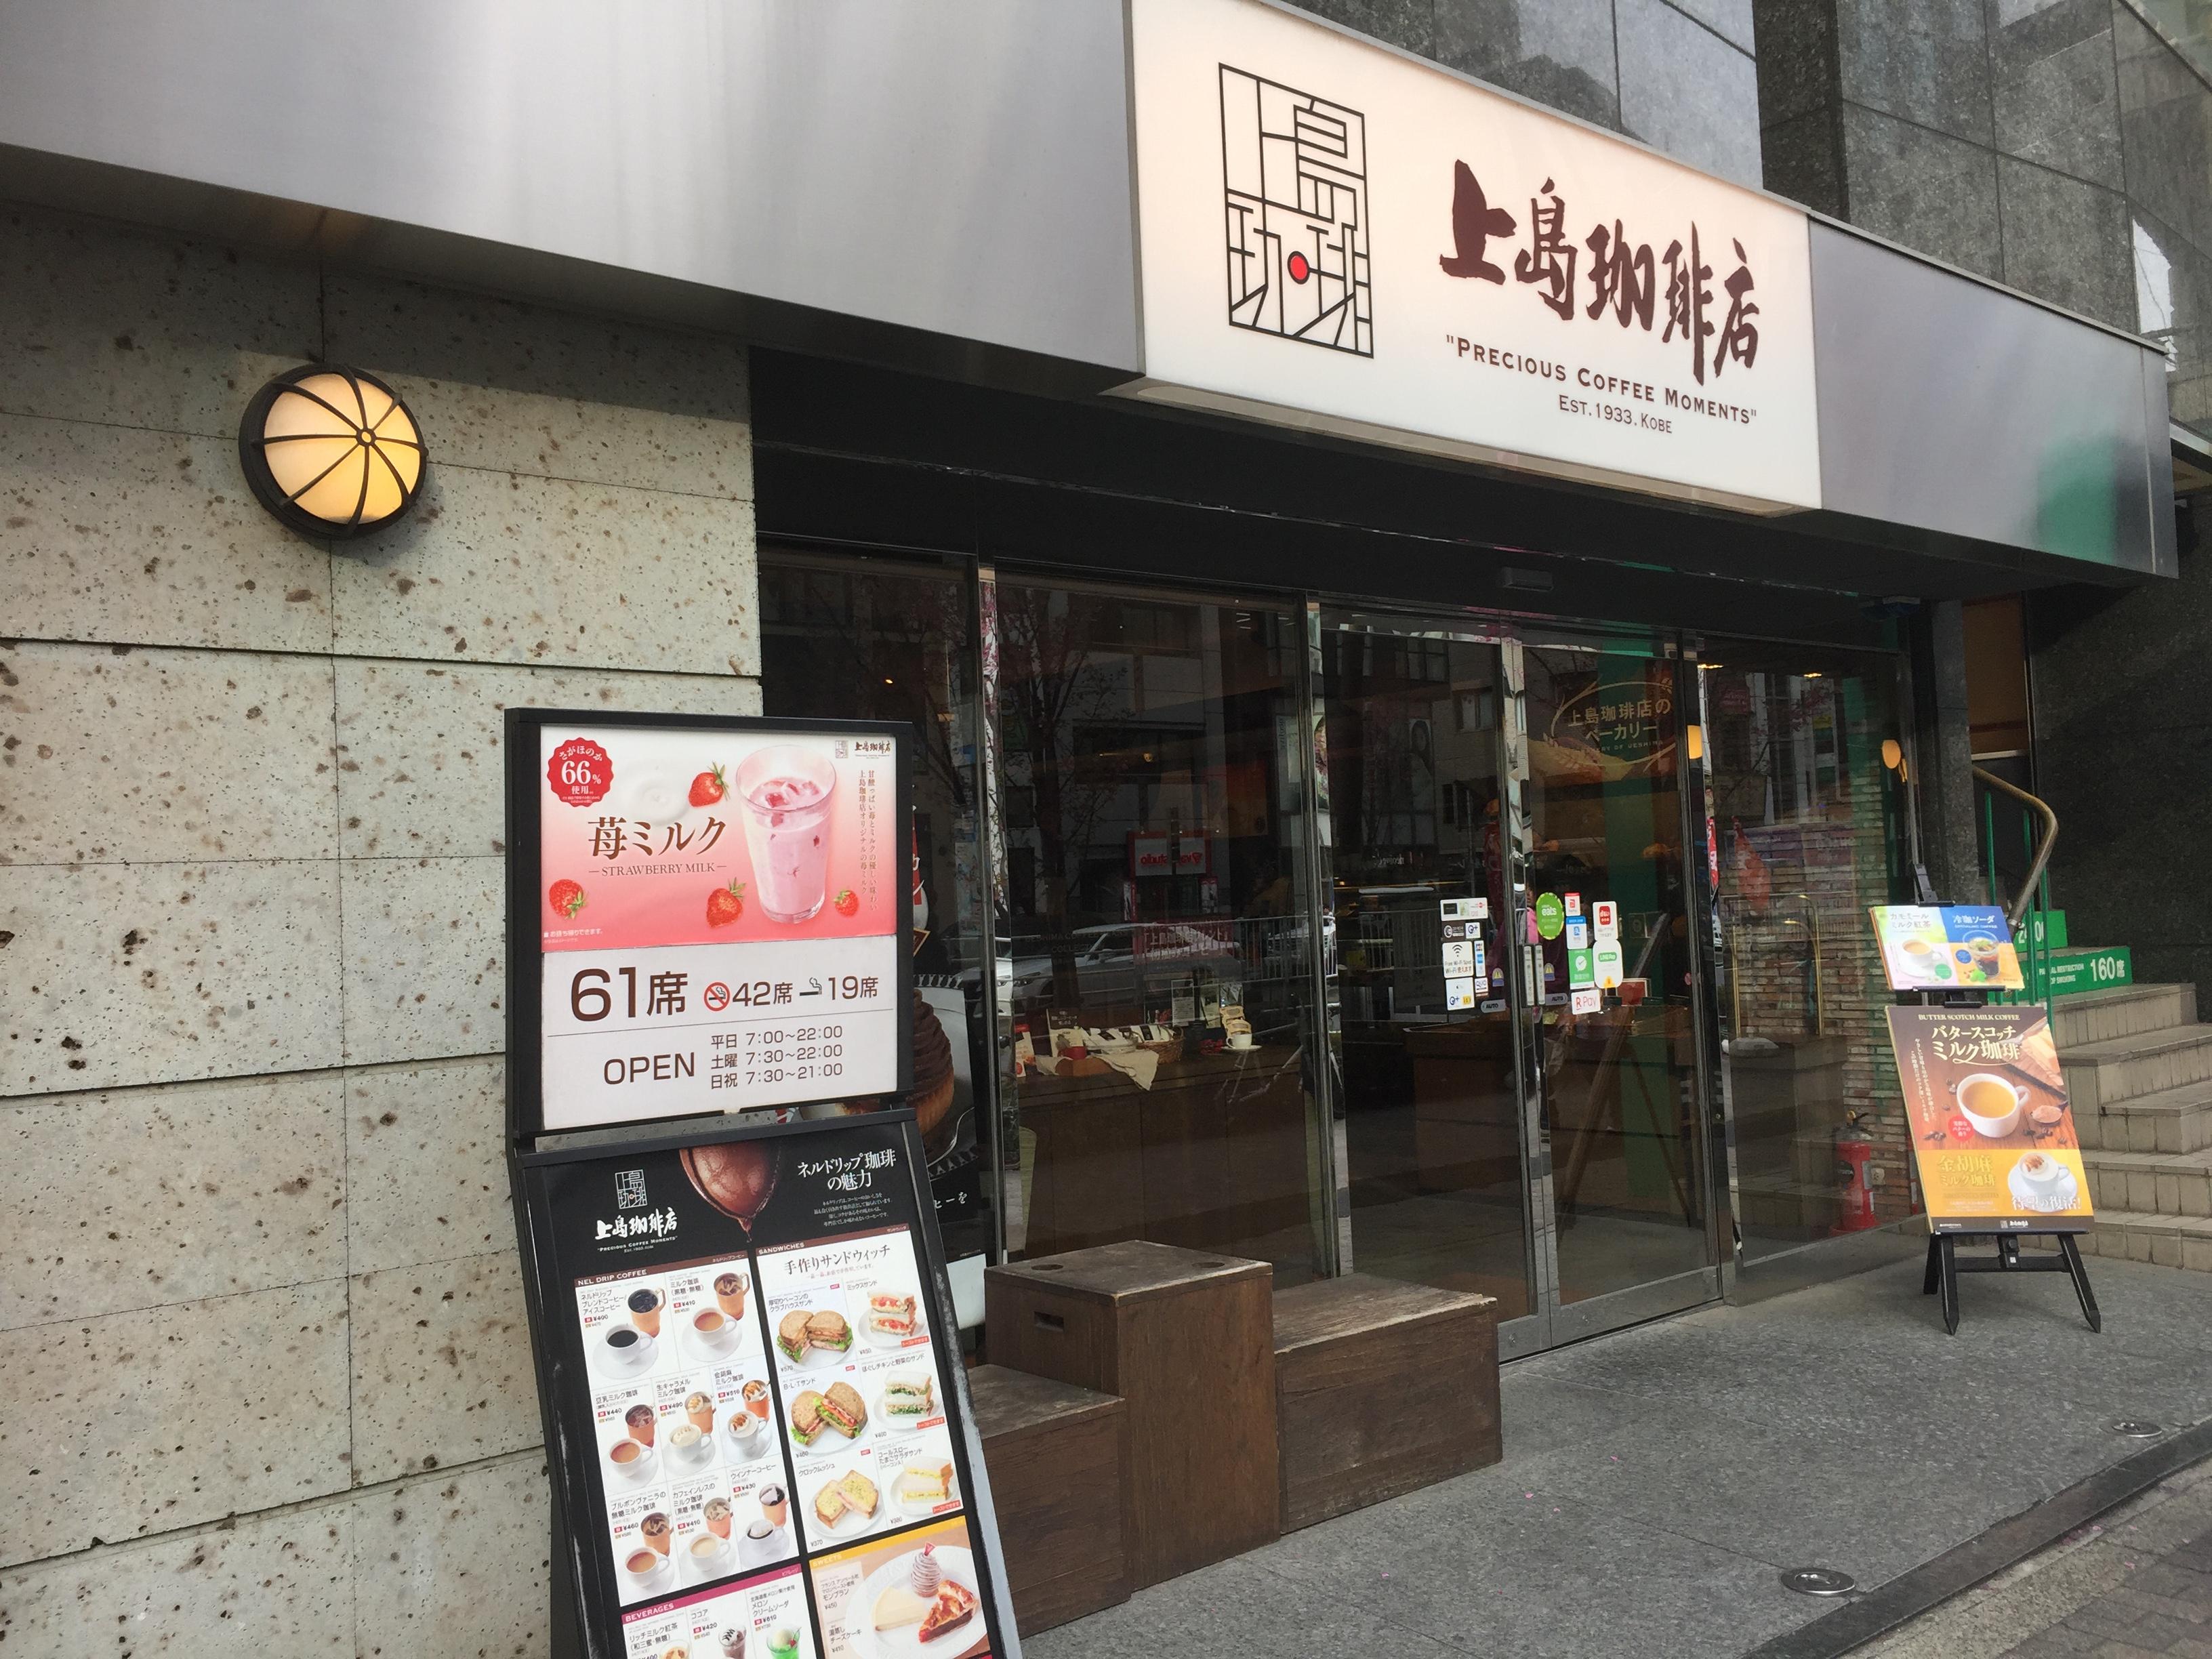 渋谷駅新南口 電源カフェ 上島珈琲店 渋谷3丁目店 Wi-Fi